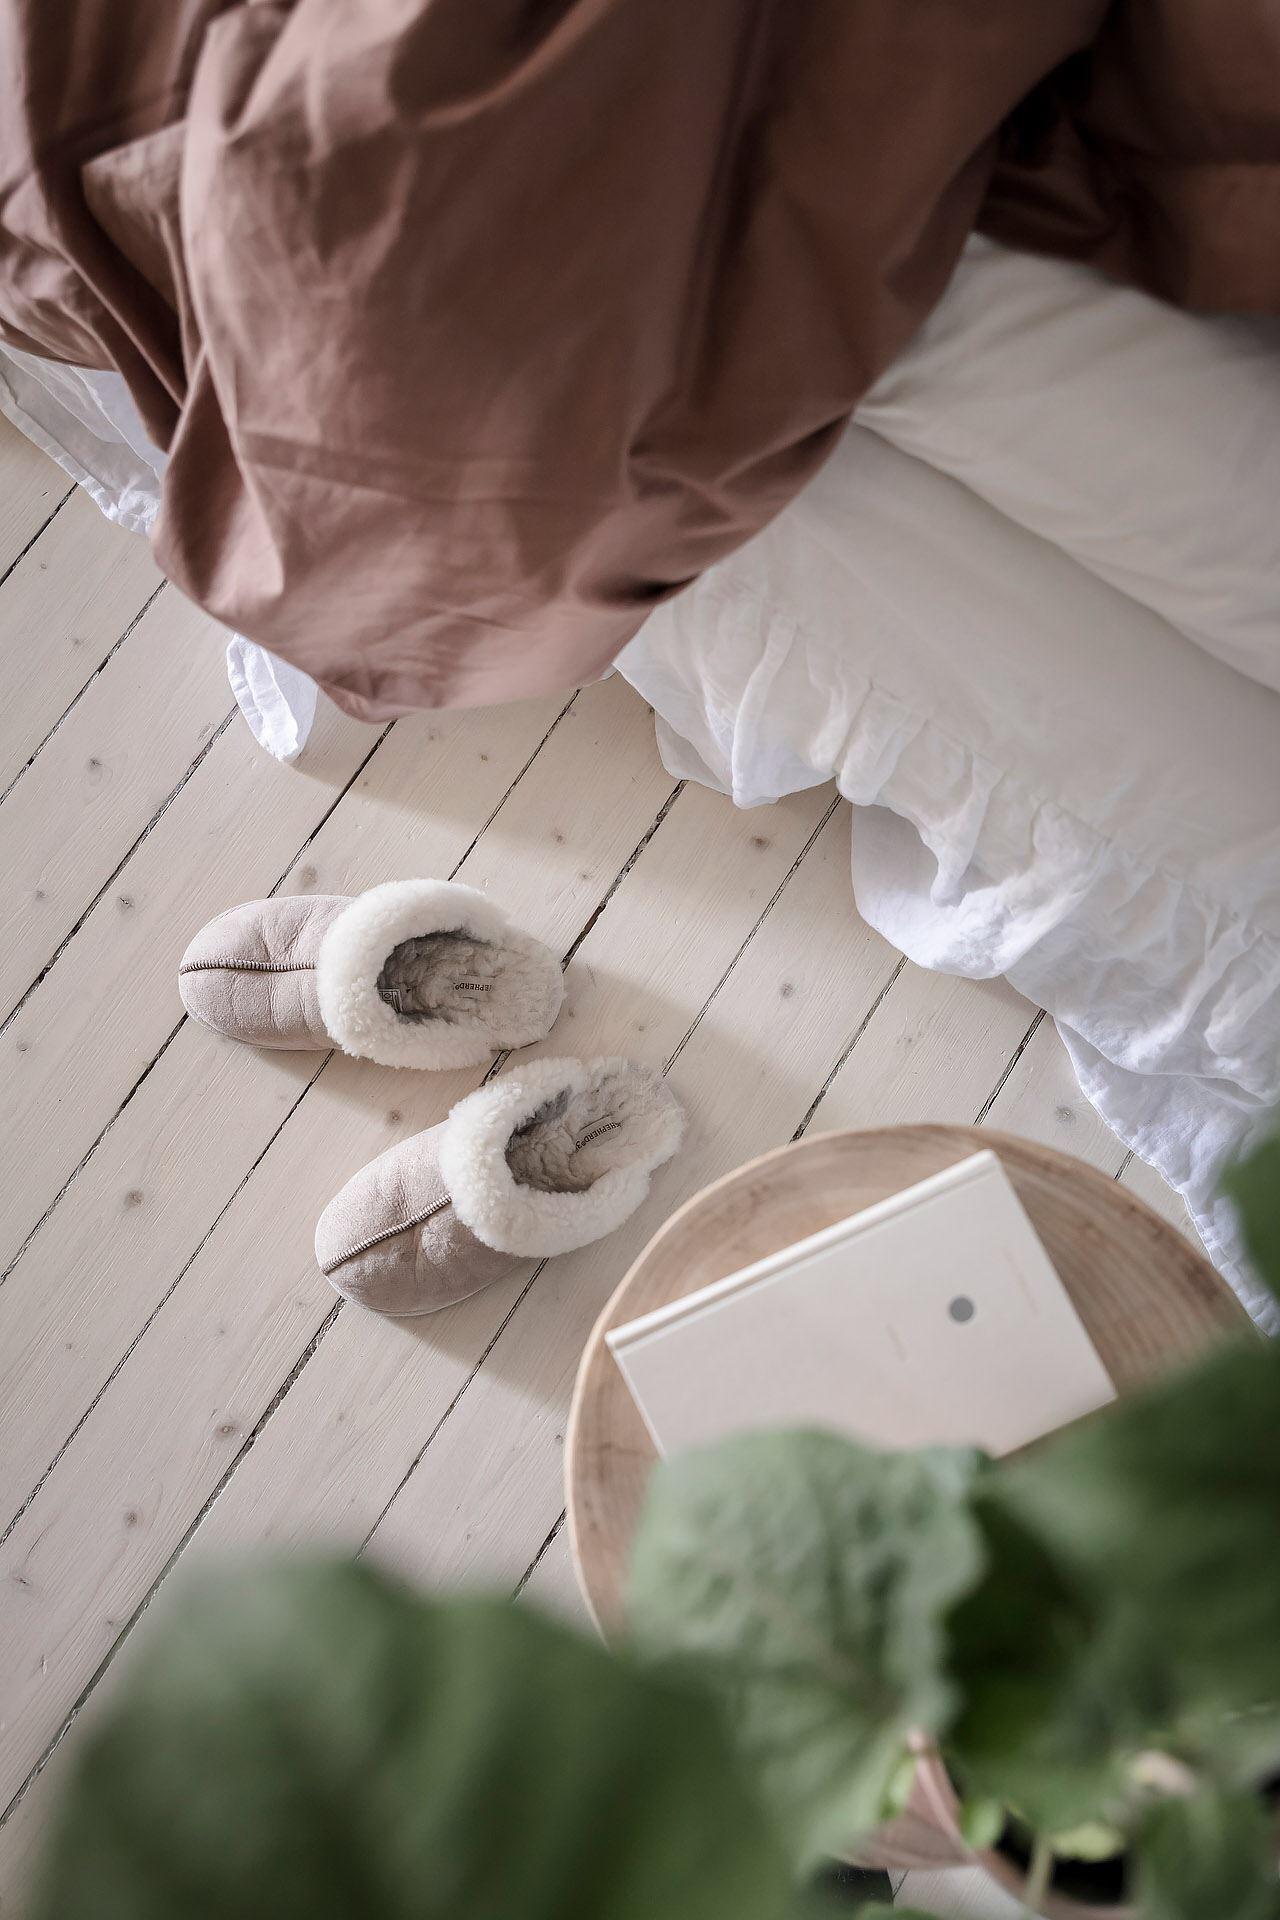 Cromatică relaxantă și decor scandinav într un apartament de 50 m² 16